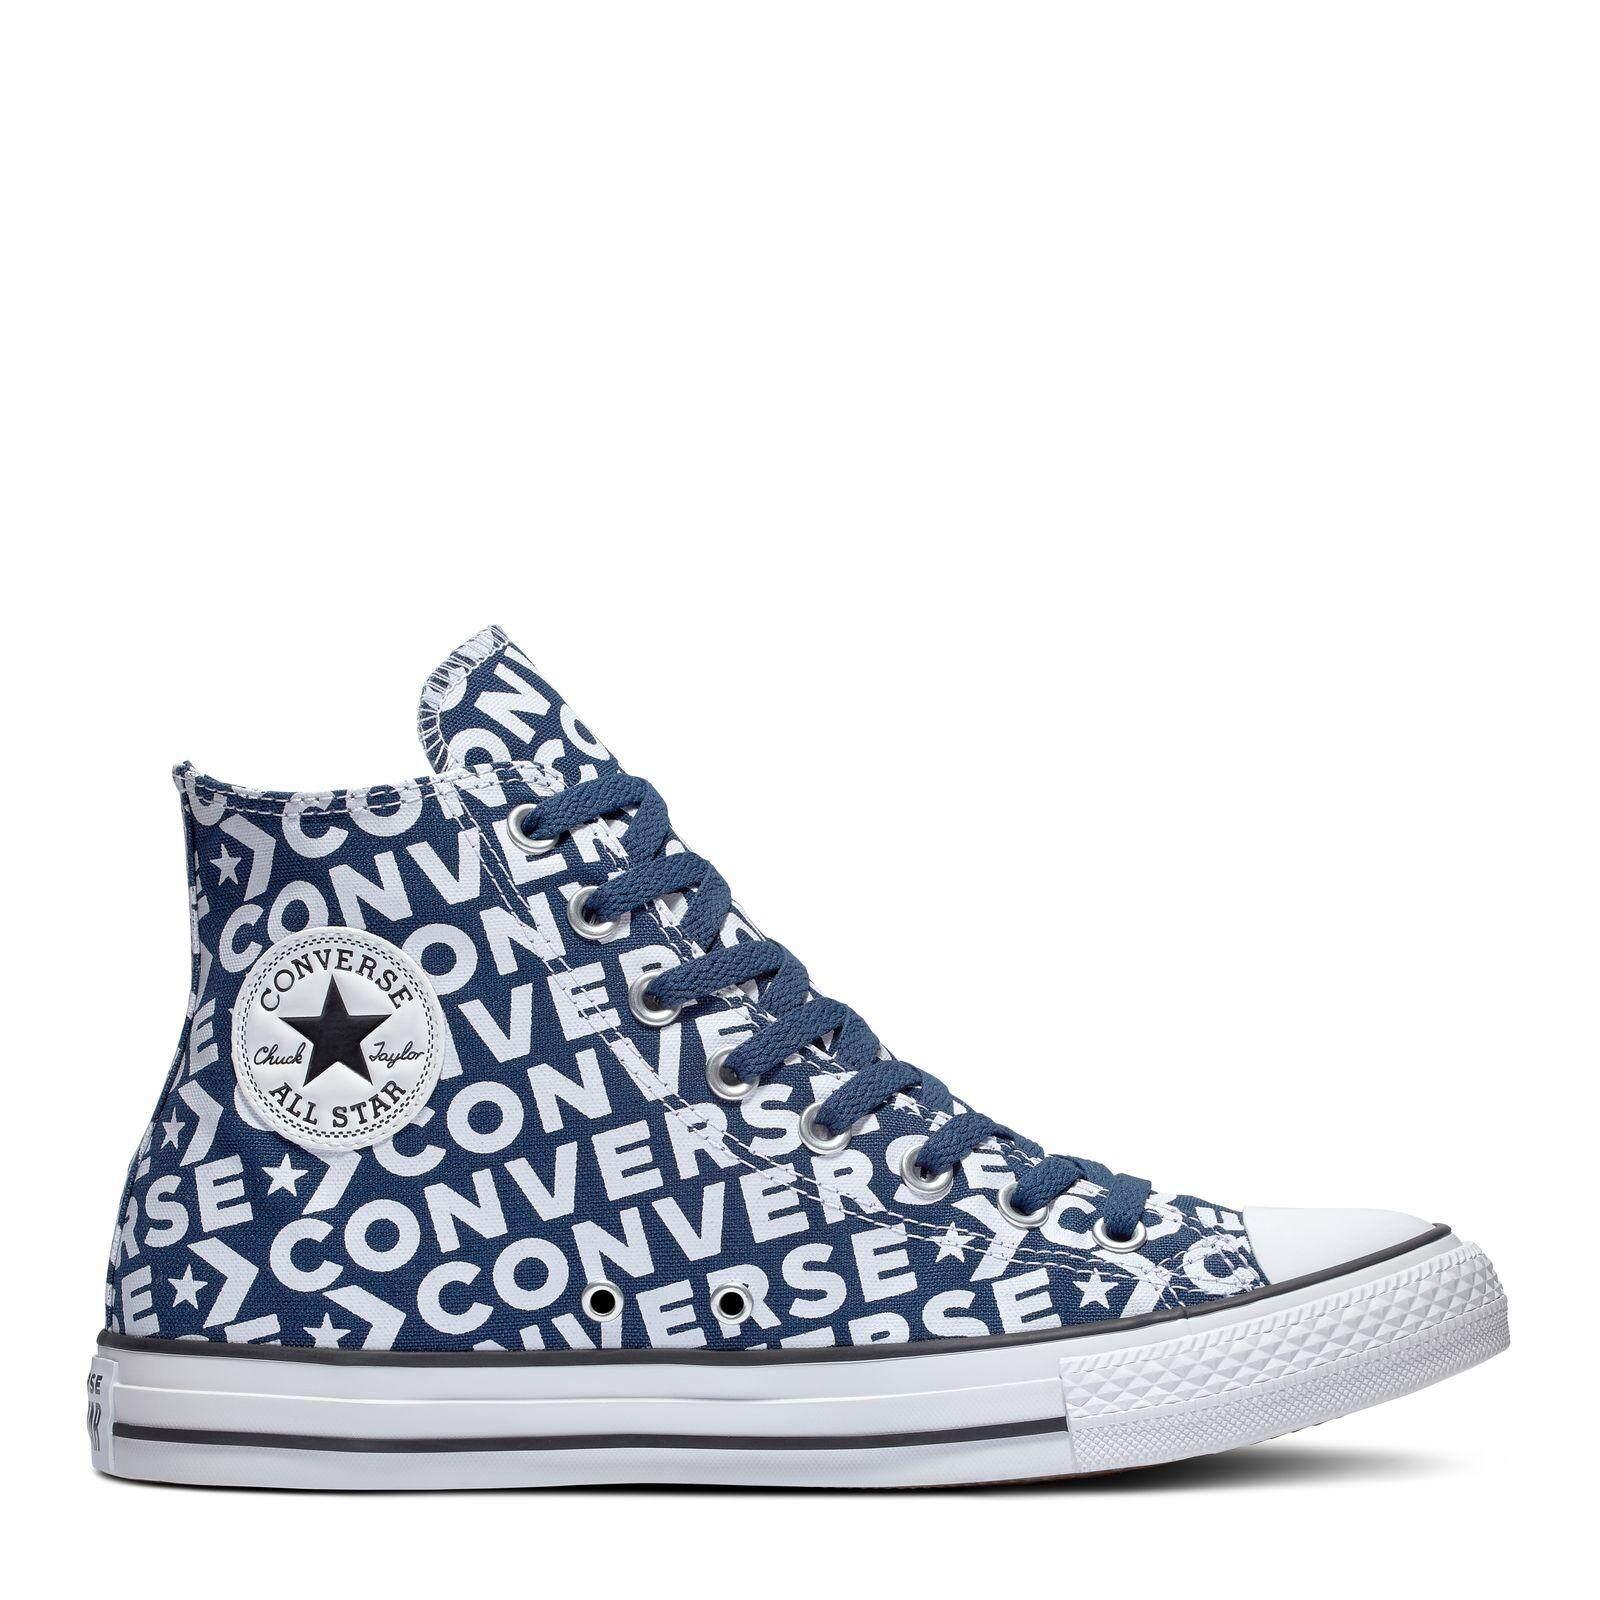 ยี่ห้อไหนดี  พิษณุโลก CONVERSE CHUCK TAYLOR ALL STAR - HI - NAVY/WHITE/WHITE - UNISEX   - NAVY/WHITE/WHITE - 163952C